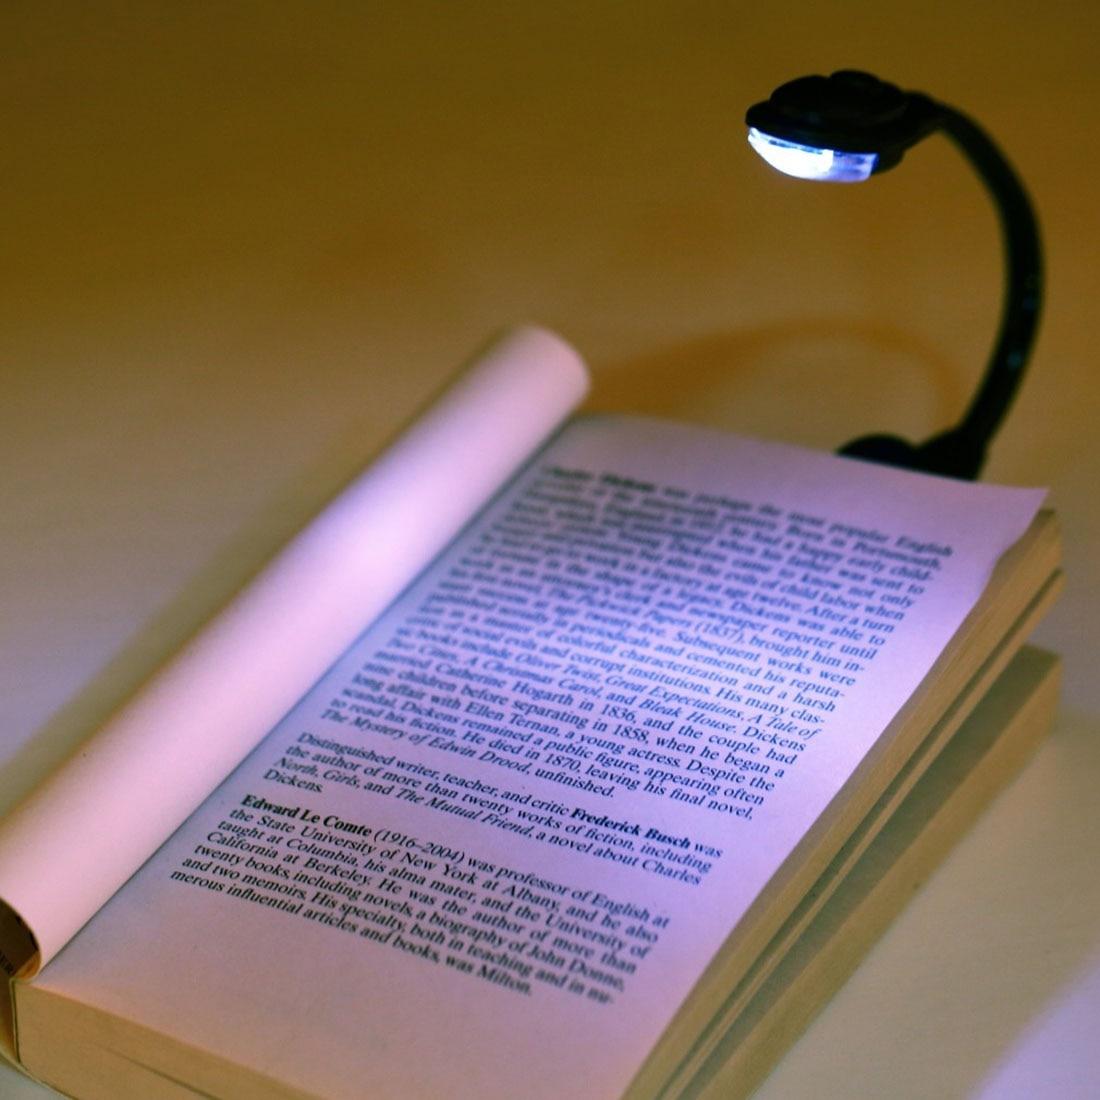 調整可能なクリップミニポータブルledブック読書ライトランプ柔軟なusbノベルティ光用のラップトップpc音楽ライトランプスタンド    グループ上の ライト